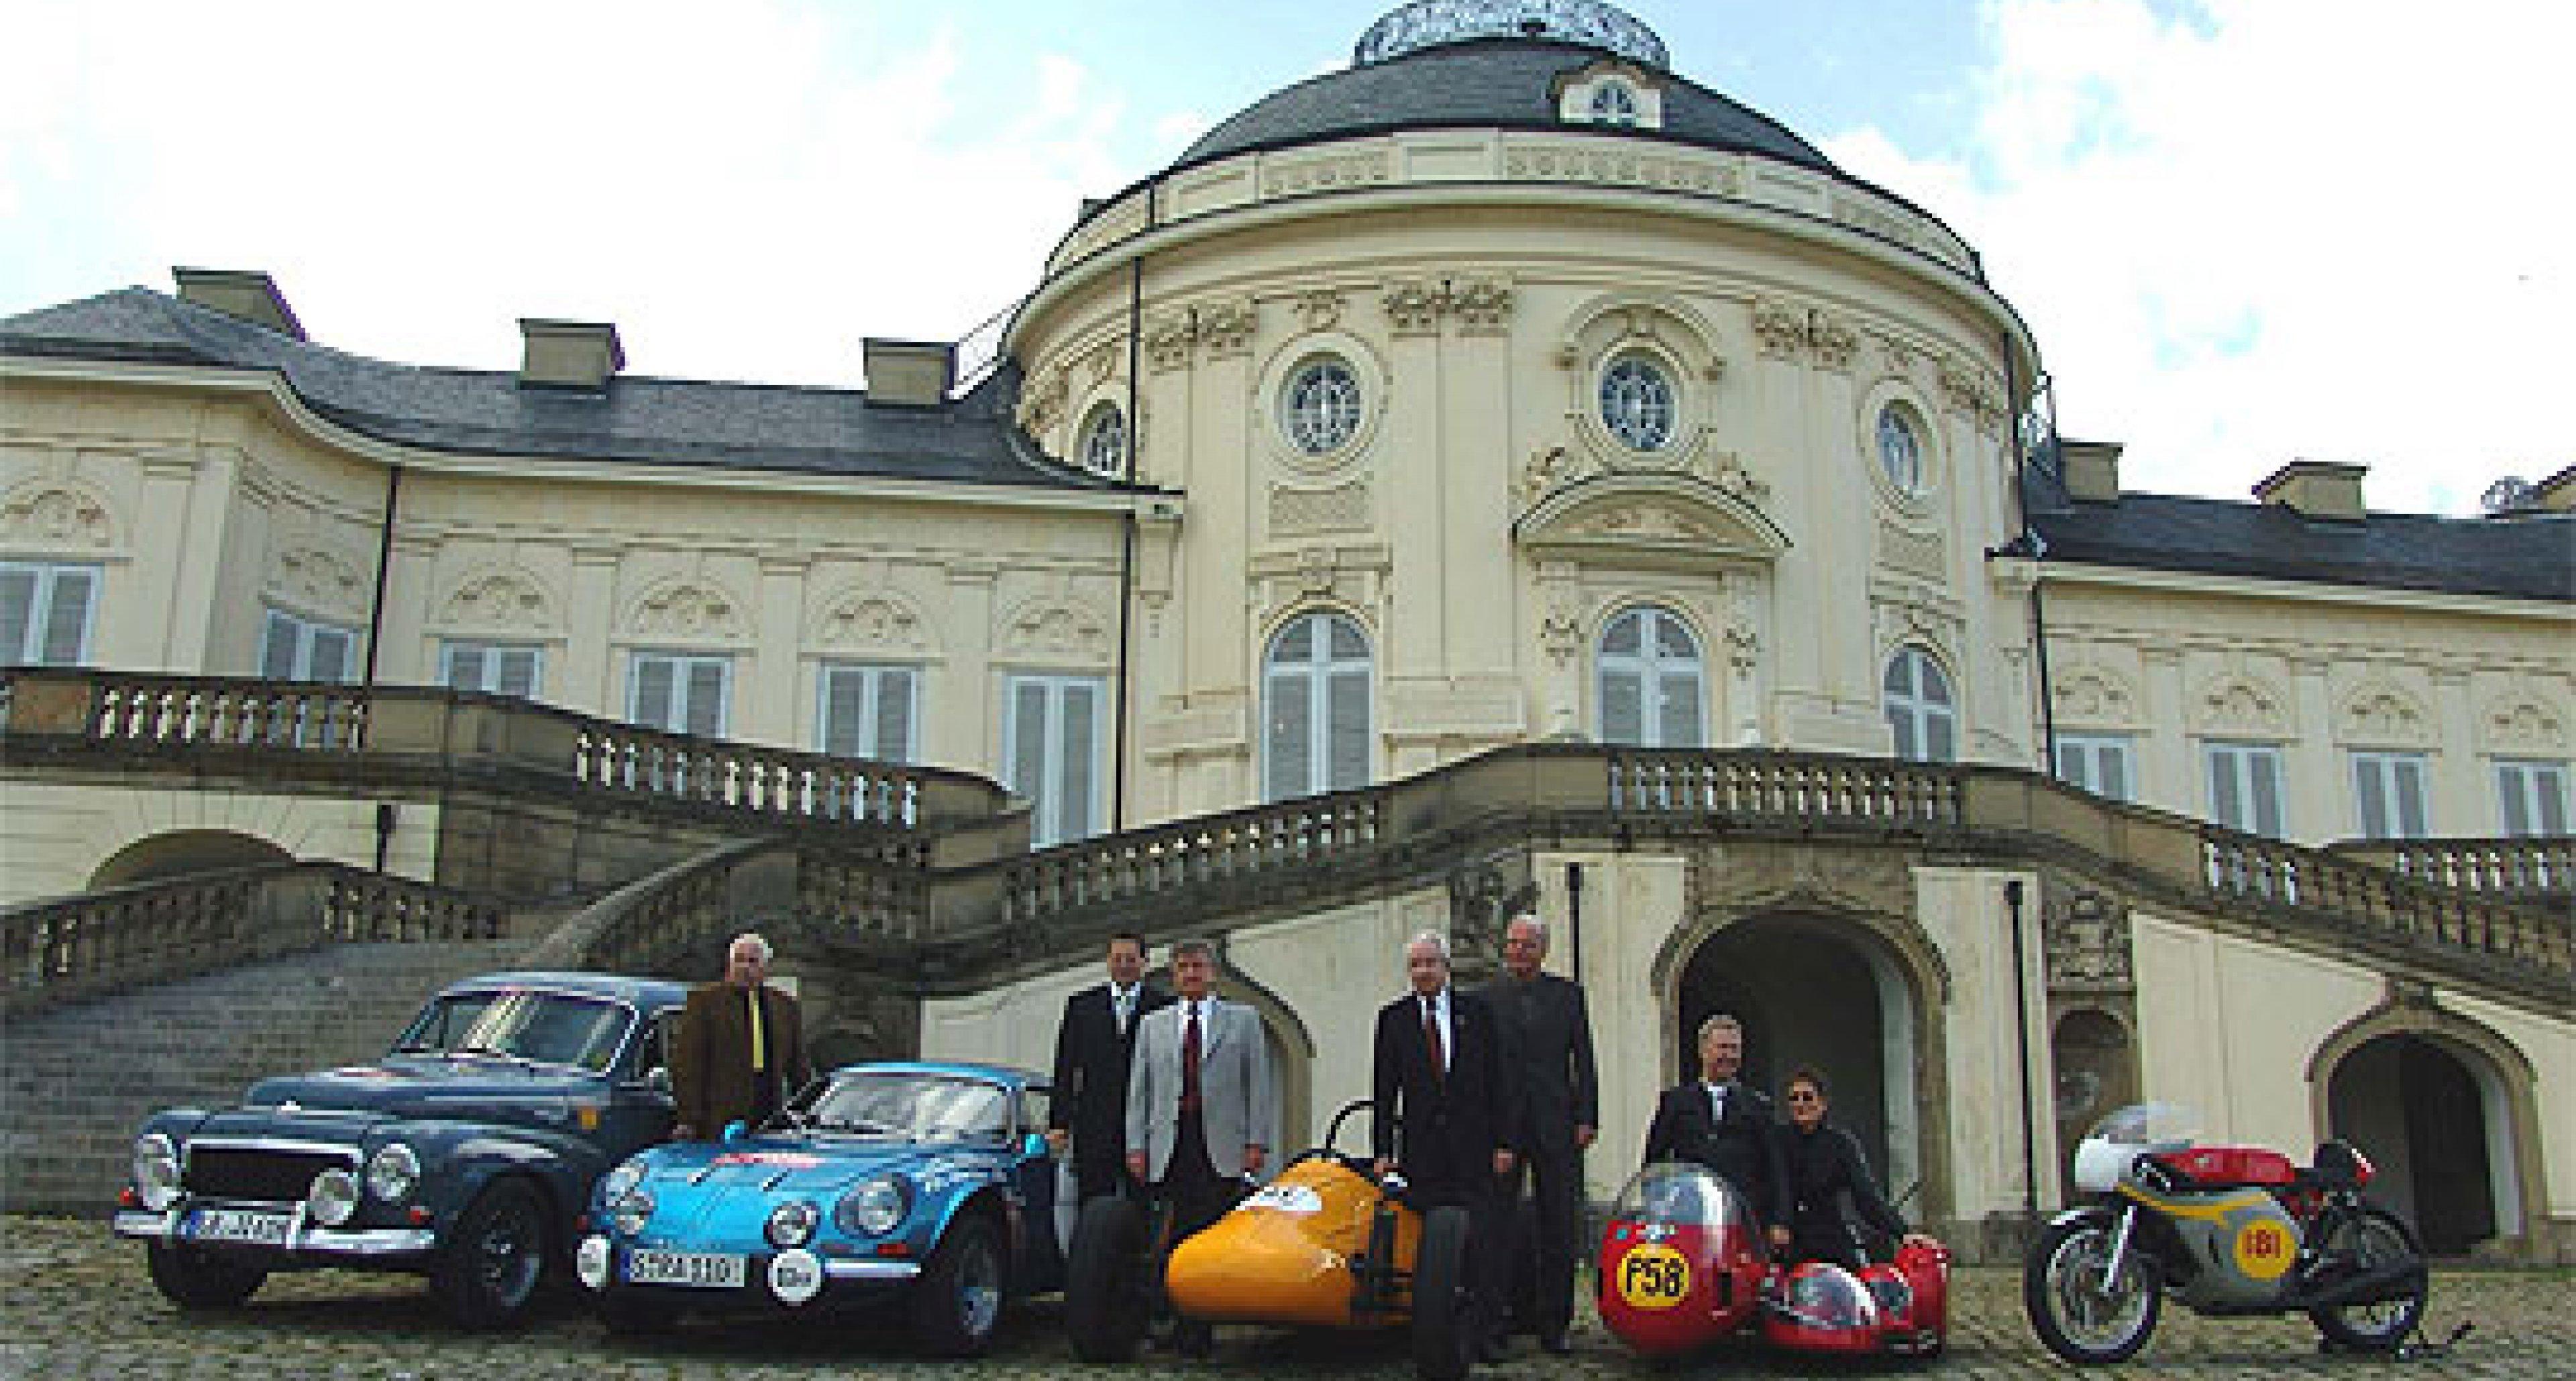 50 Jahre Rallye-Solitude - aus Freude am Genießen